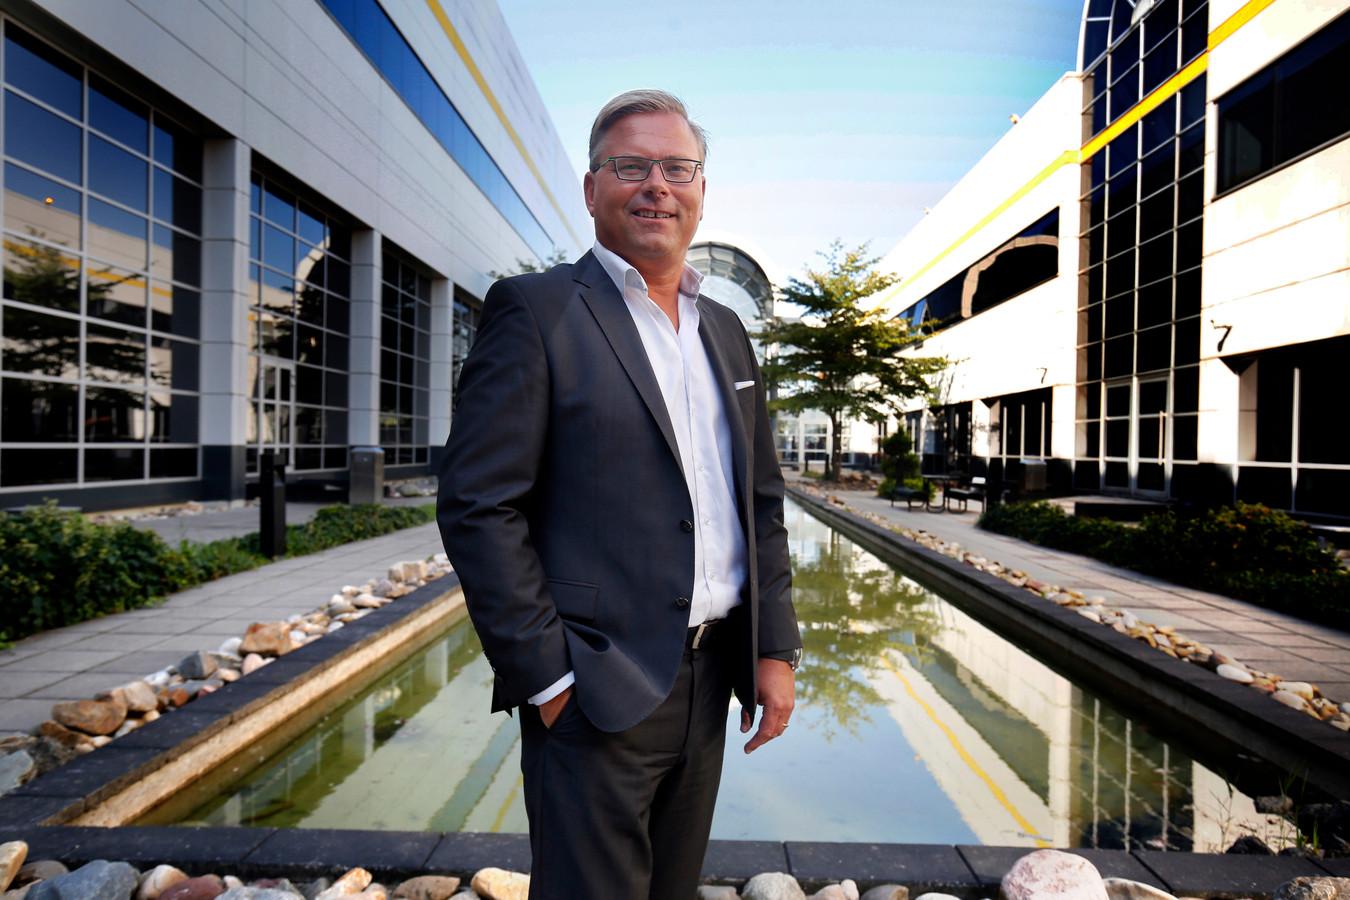 Jeroen van Hooff, directeur Easyfairs in de binnentuin van de Evenementenhal Gorinchem.